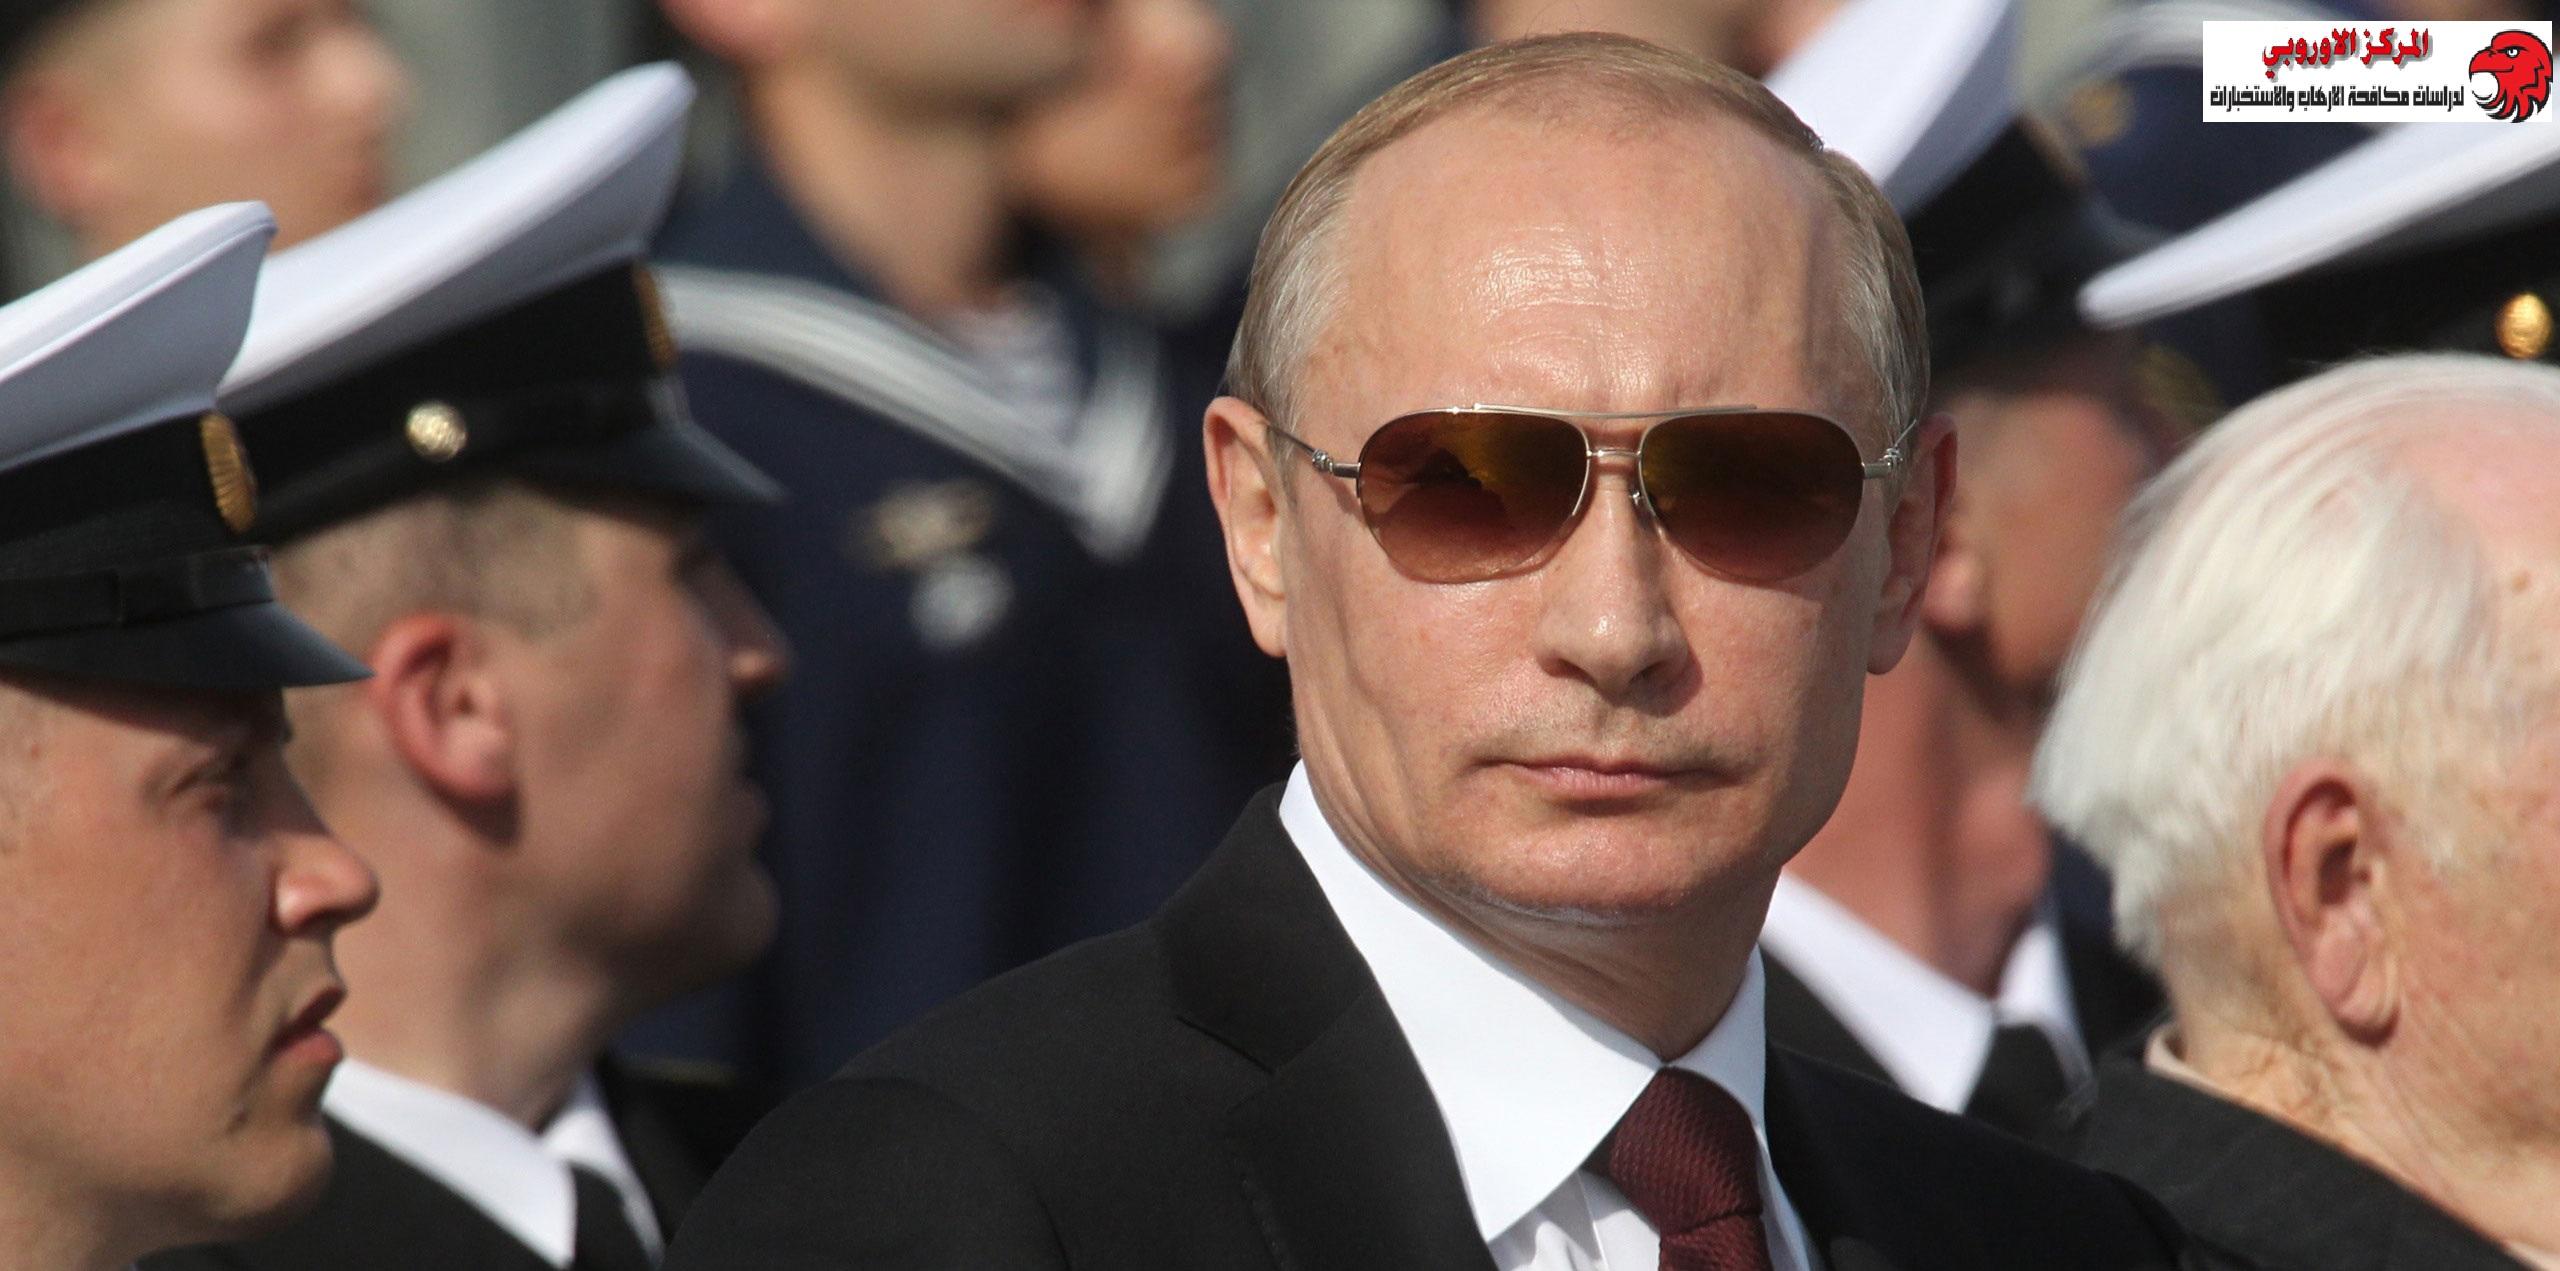 قضية إغتيال العميل الروسي سكريبال، تفتح ملف قائمة إغتيالات عملاء آخرين في بريطانيا